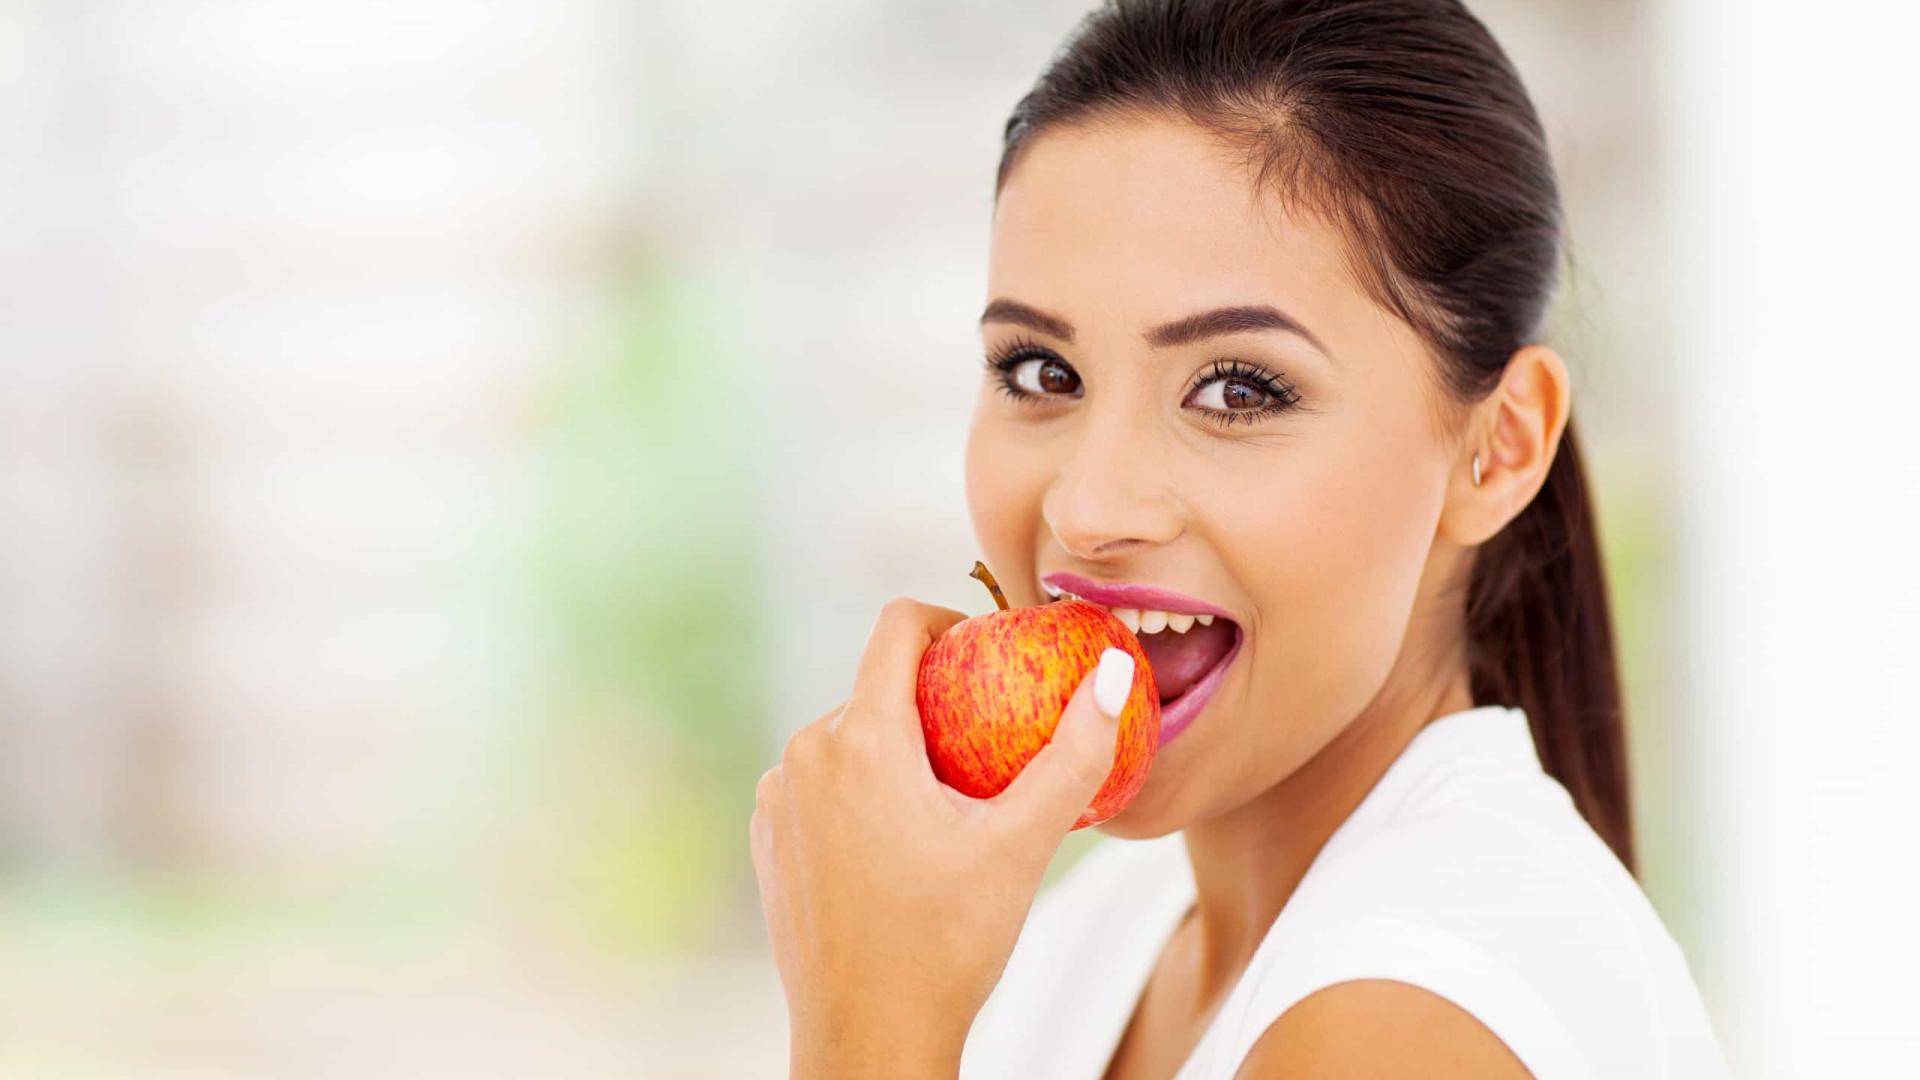 Heroína improvável. Quatro benefícios de comer uma maçã por dia